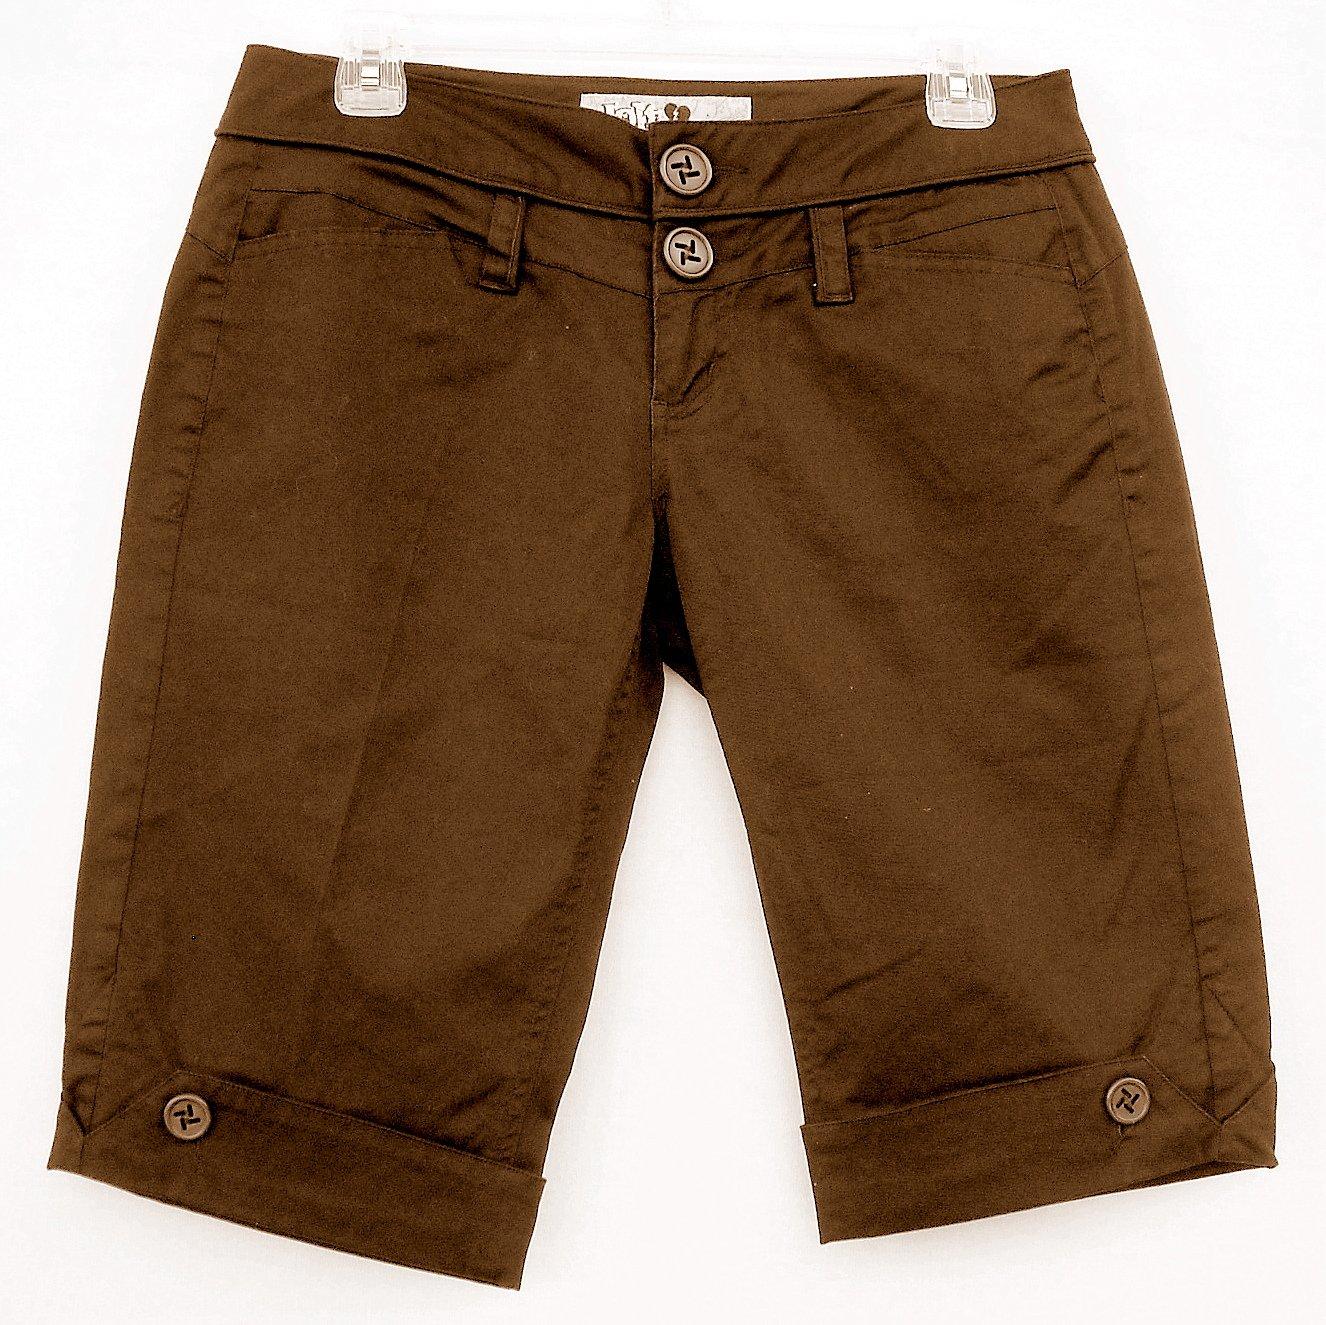 Jolt Misses Juniors Brown Shorts Size 5